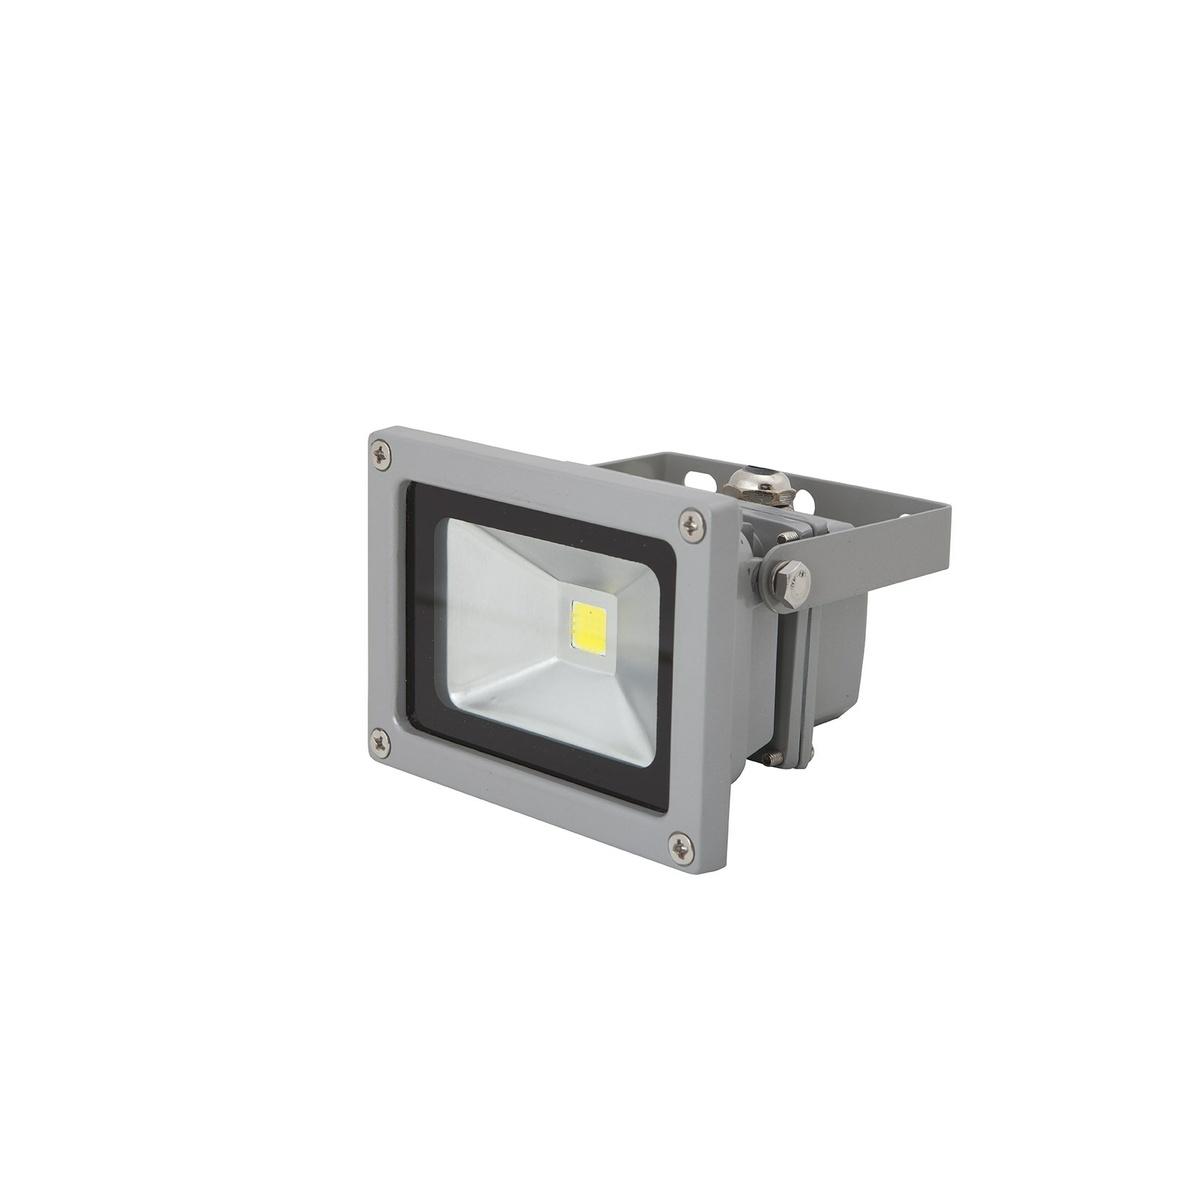 LEDMED COB LED VANA vonkajši reflektorové svítidlo  10W, aluminium neutrálny